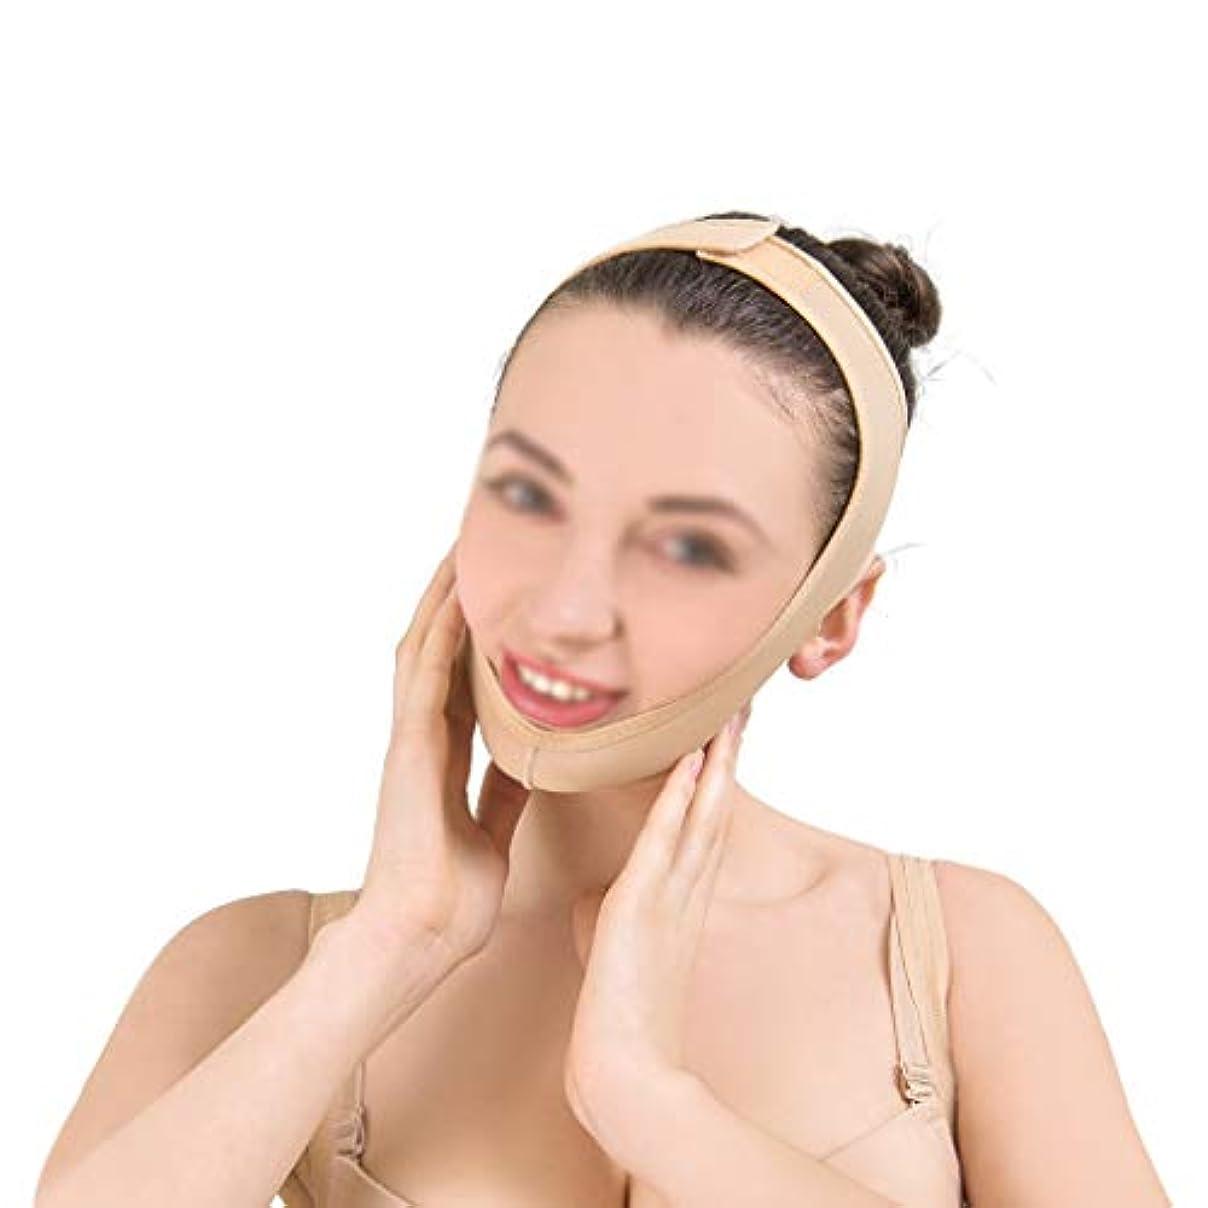 フロー繊細患者フェイスシェイピングベルト、肌の包帯の持ち上げと締め付け、フェイスベルトの持ち上げ、快適で通気性のあるフェイシャルリフティングマスク (Size : M)